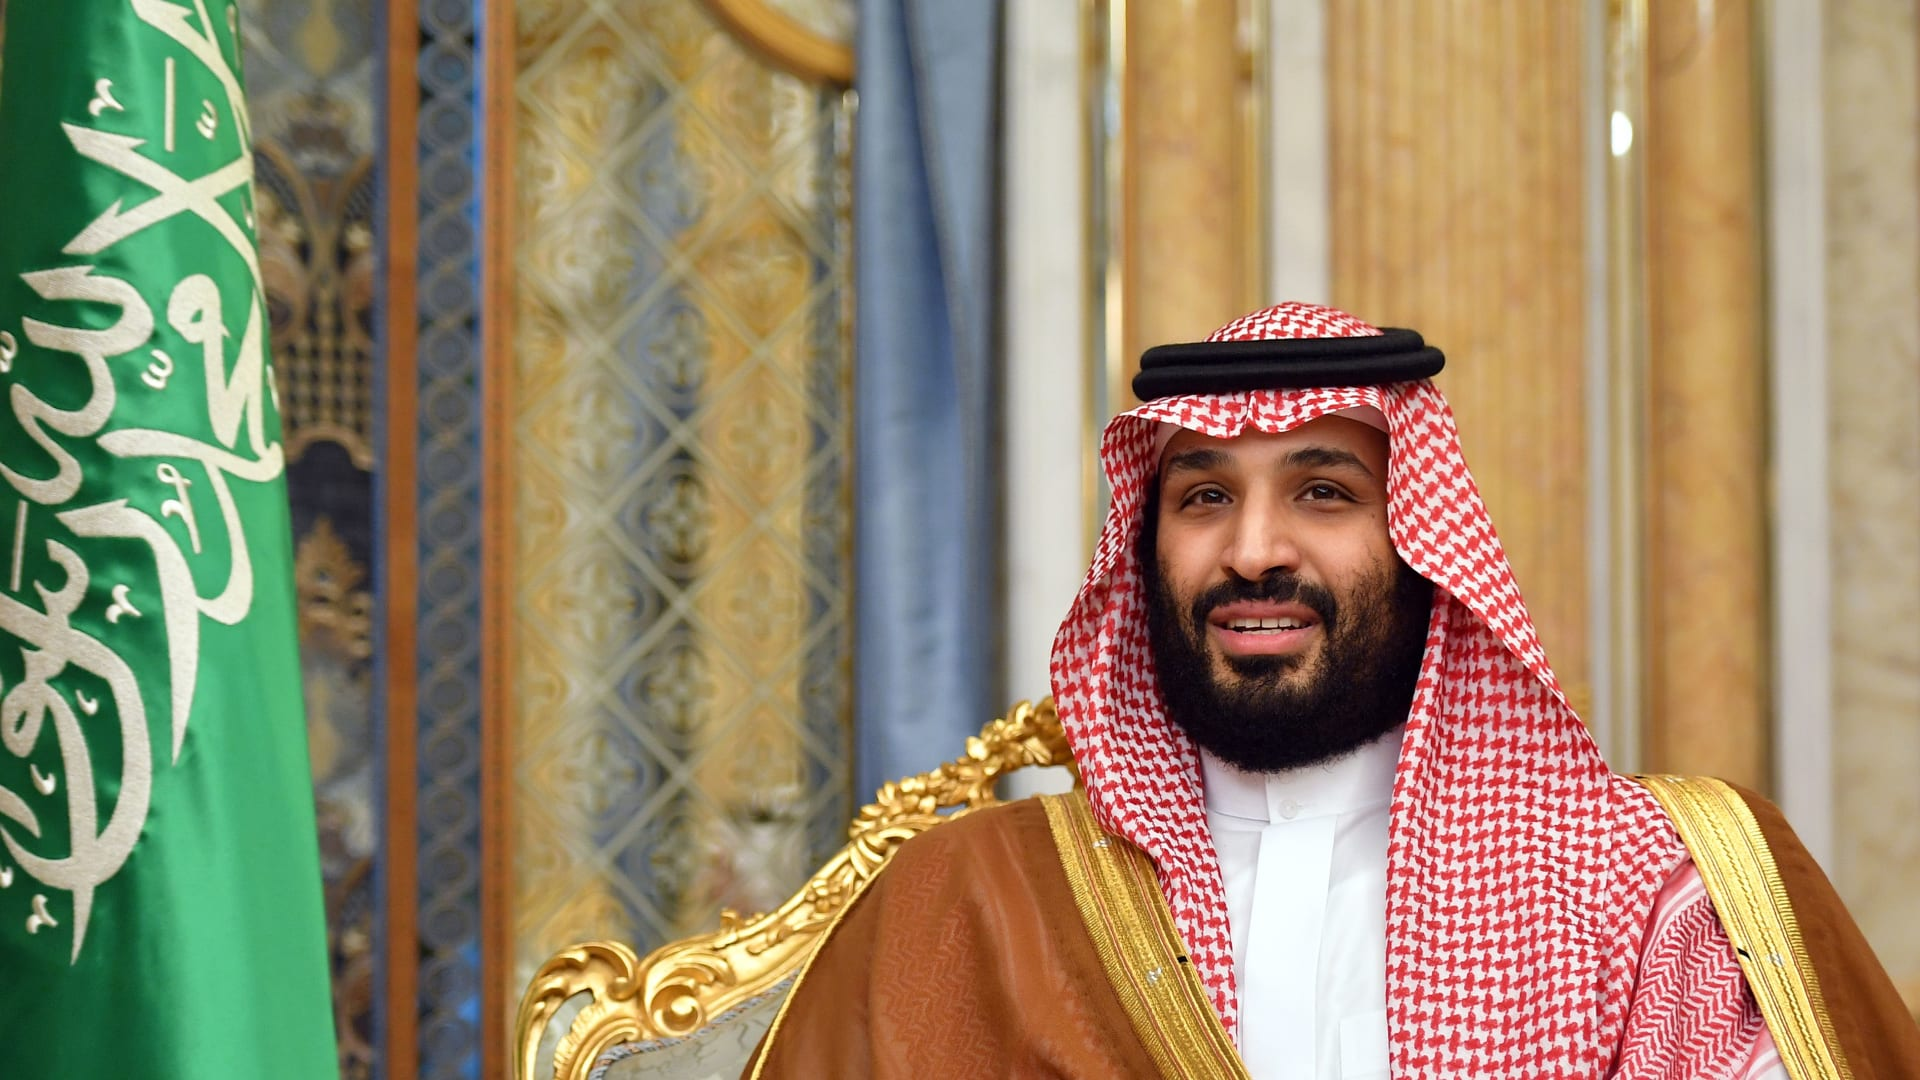 ولي العهد السعودي يعلن قرب إطلاق مبادرتين محلية وإقليمية لمواجهة أزمة التغير المناخي